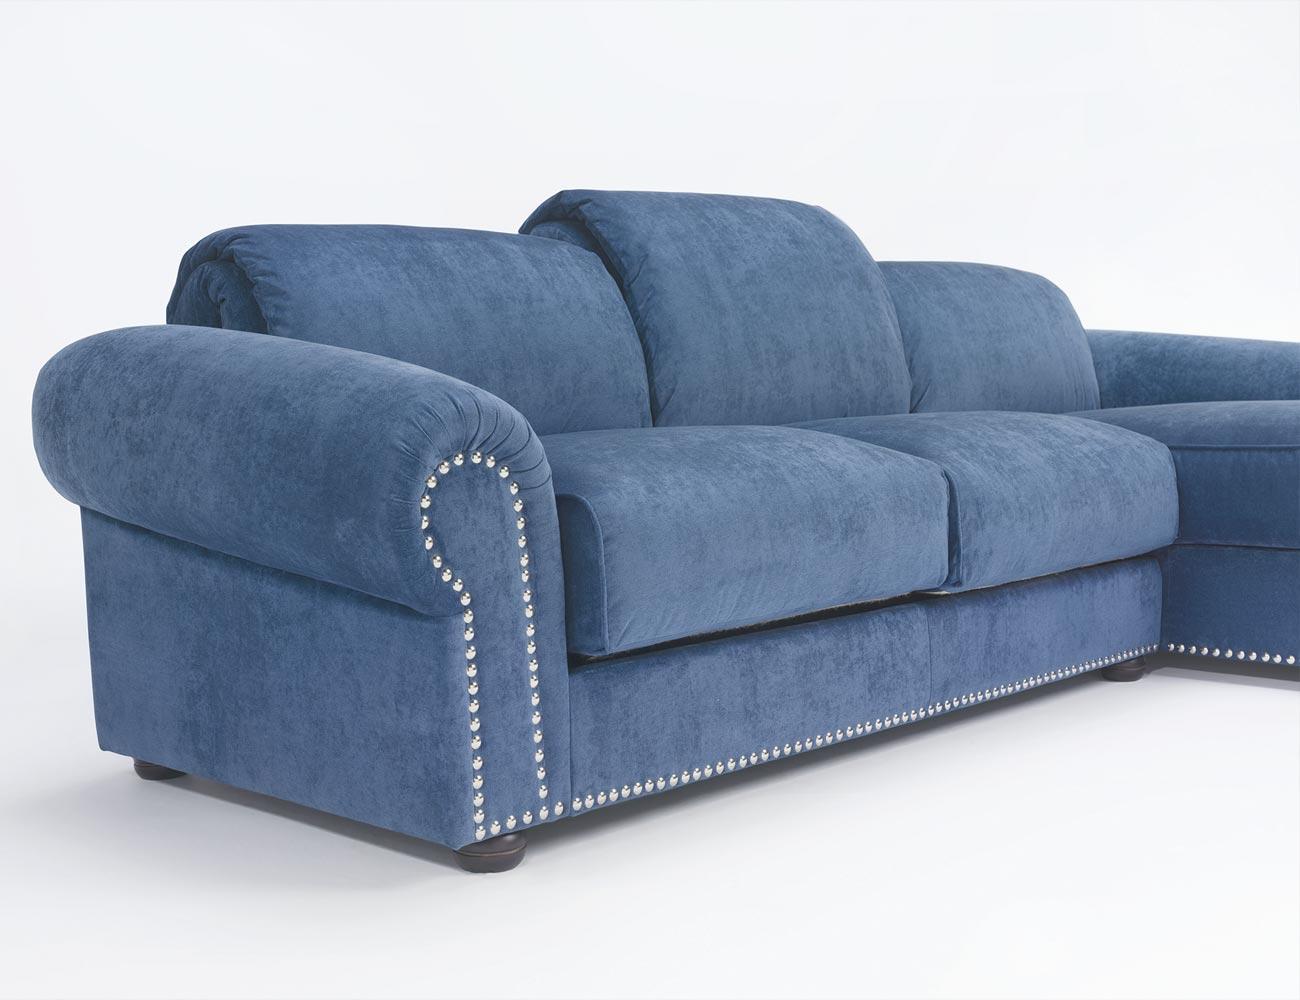 Sofa chaiselongue gran lujo decorativo azul 126